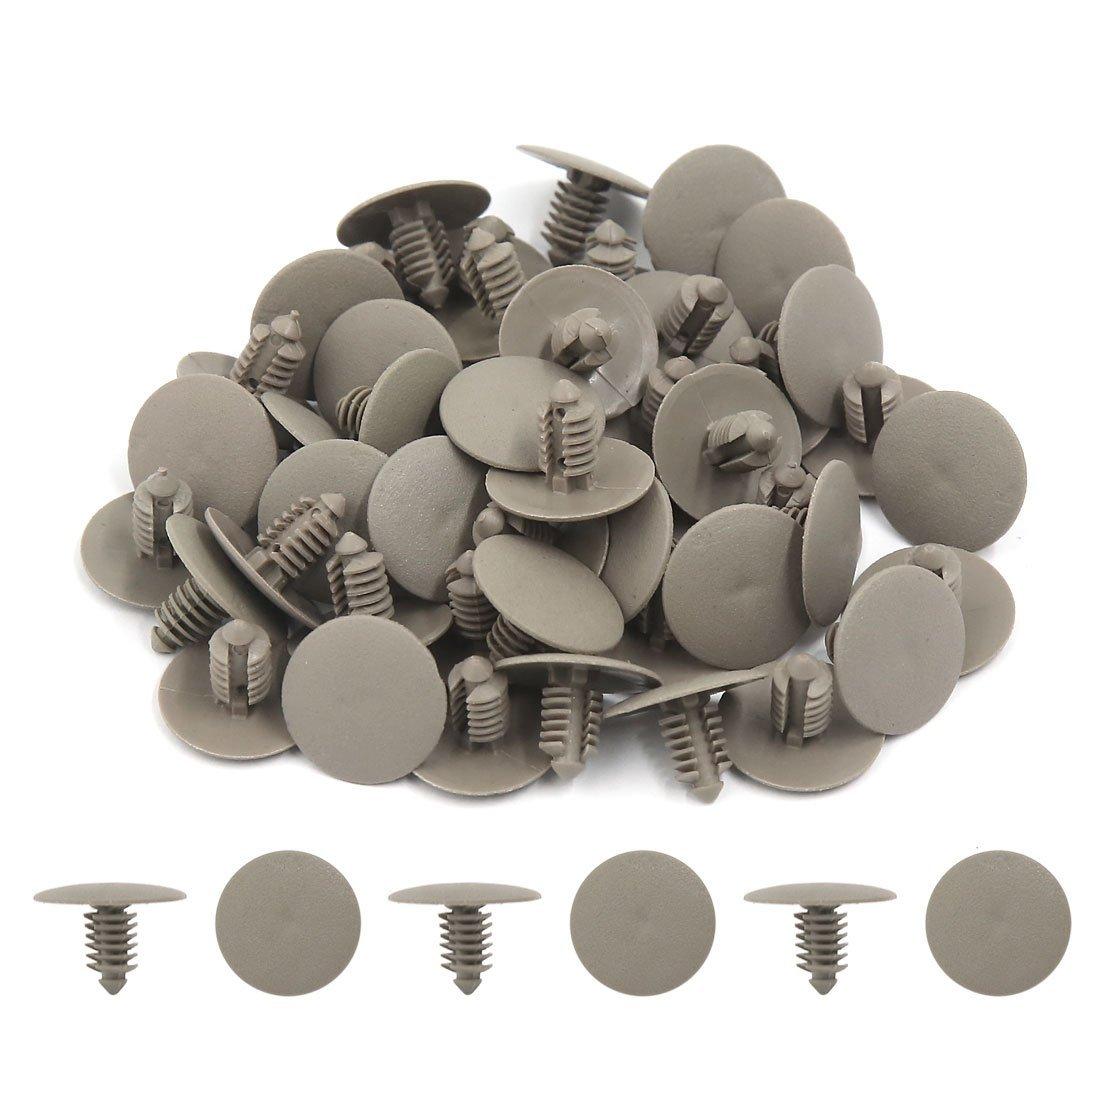 Amazon.com: eDealMax 50pcs Universal gris plásticos Sujetadores tipo de inserción de Clip del remache 7 mm de diámetro del agujero Para el coche: Automotive